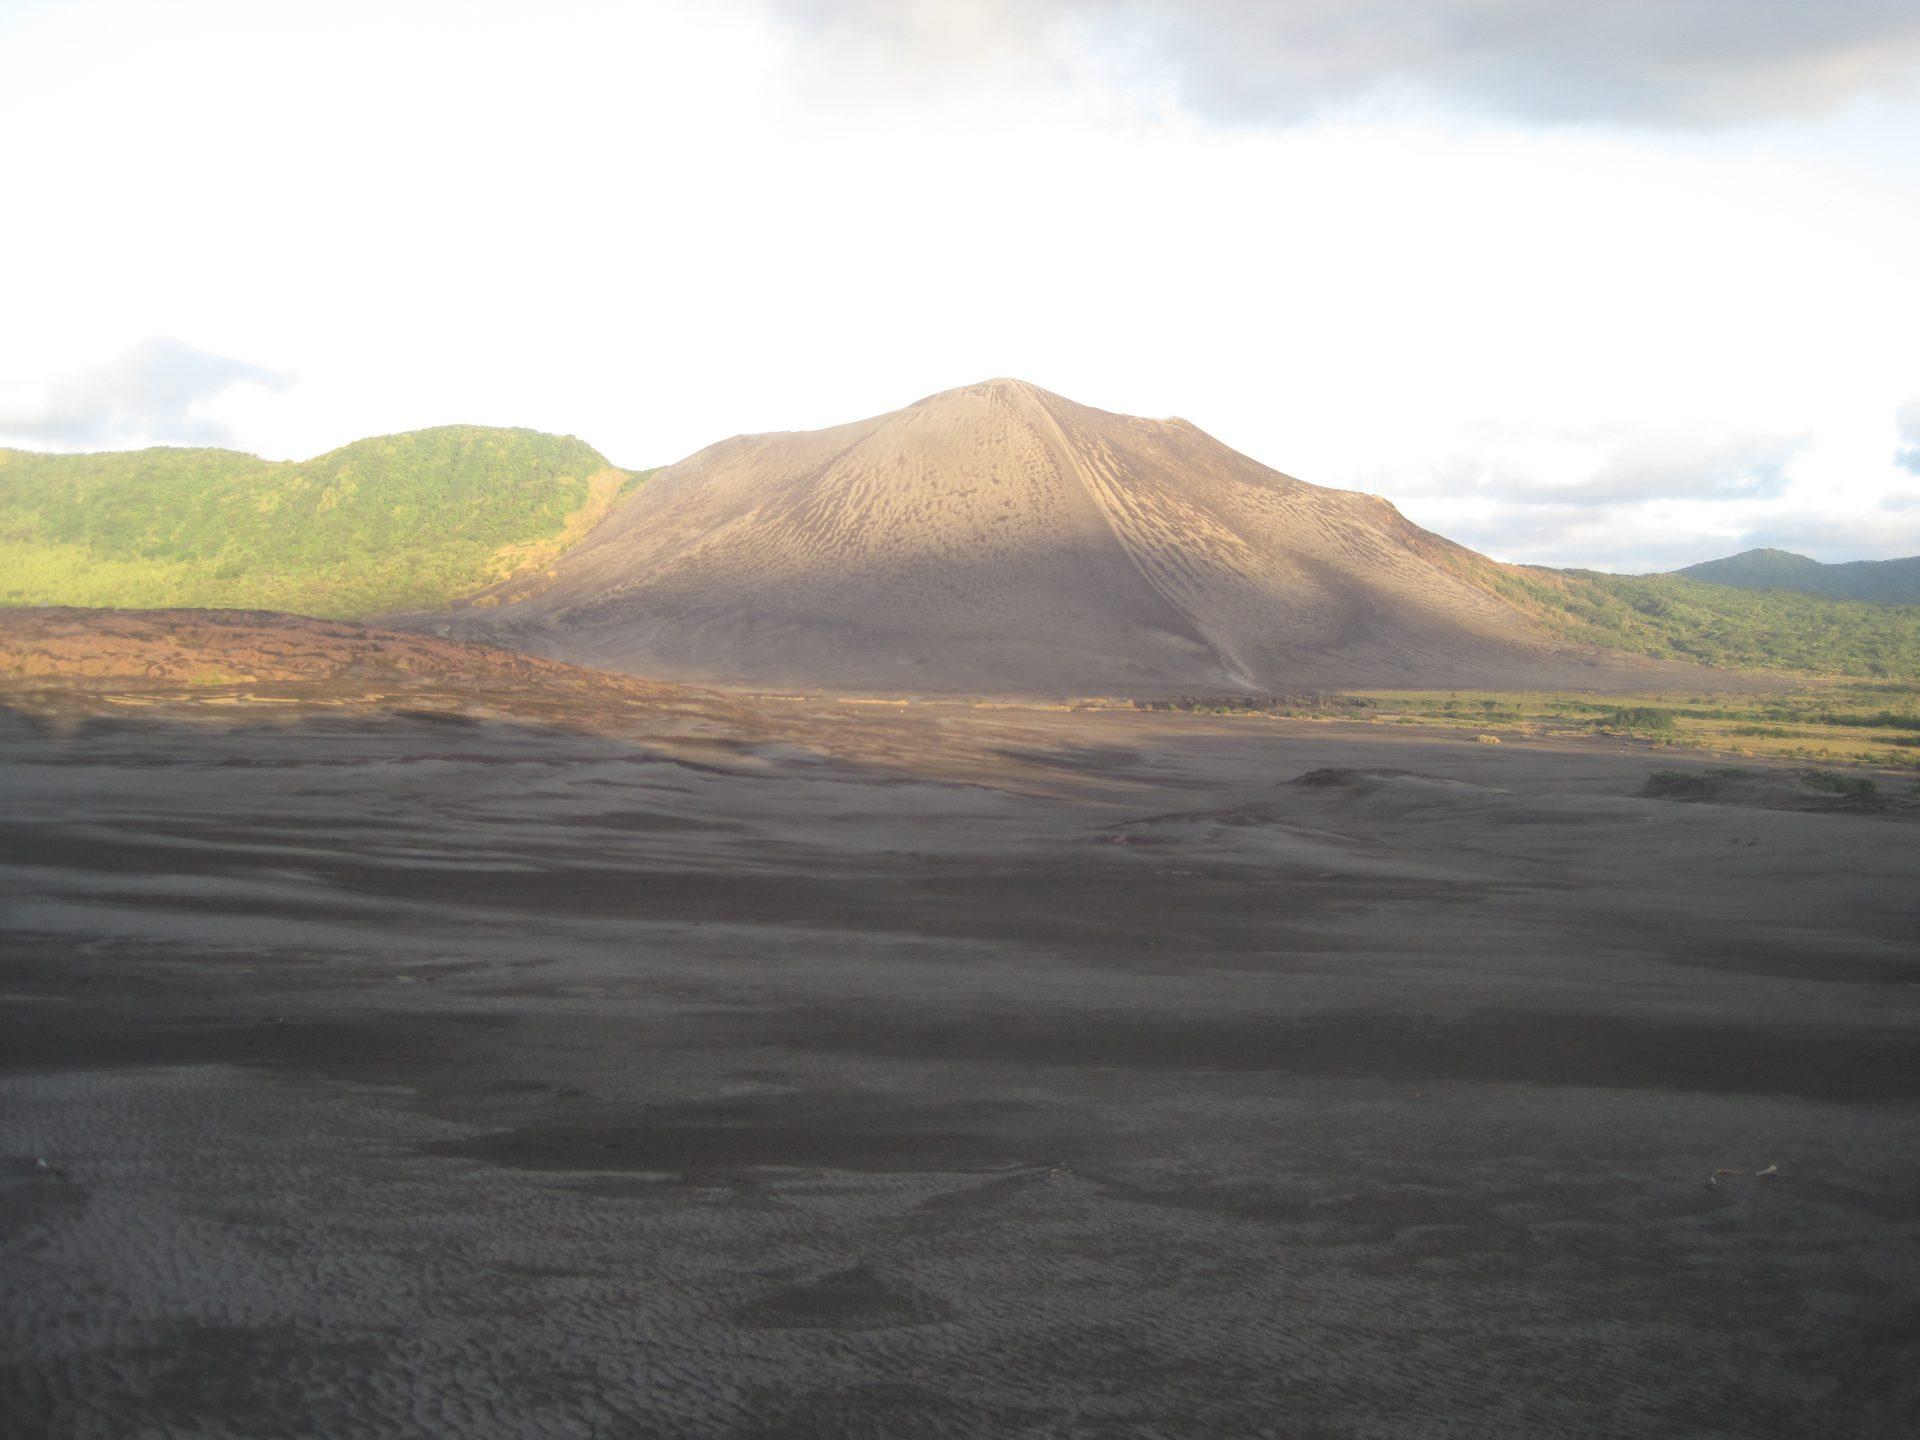 Image of Mount Yasur in Vanuatu